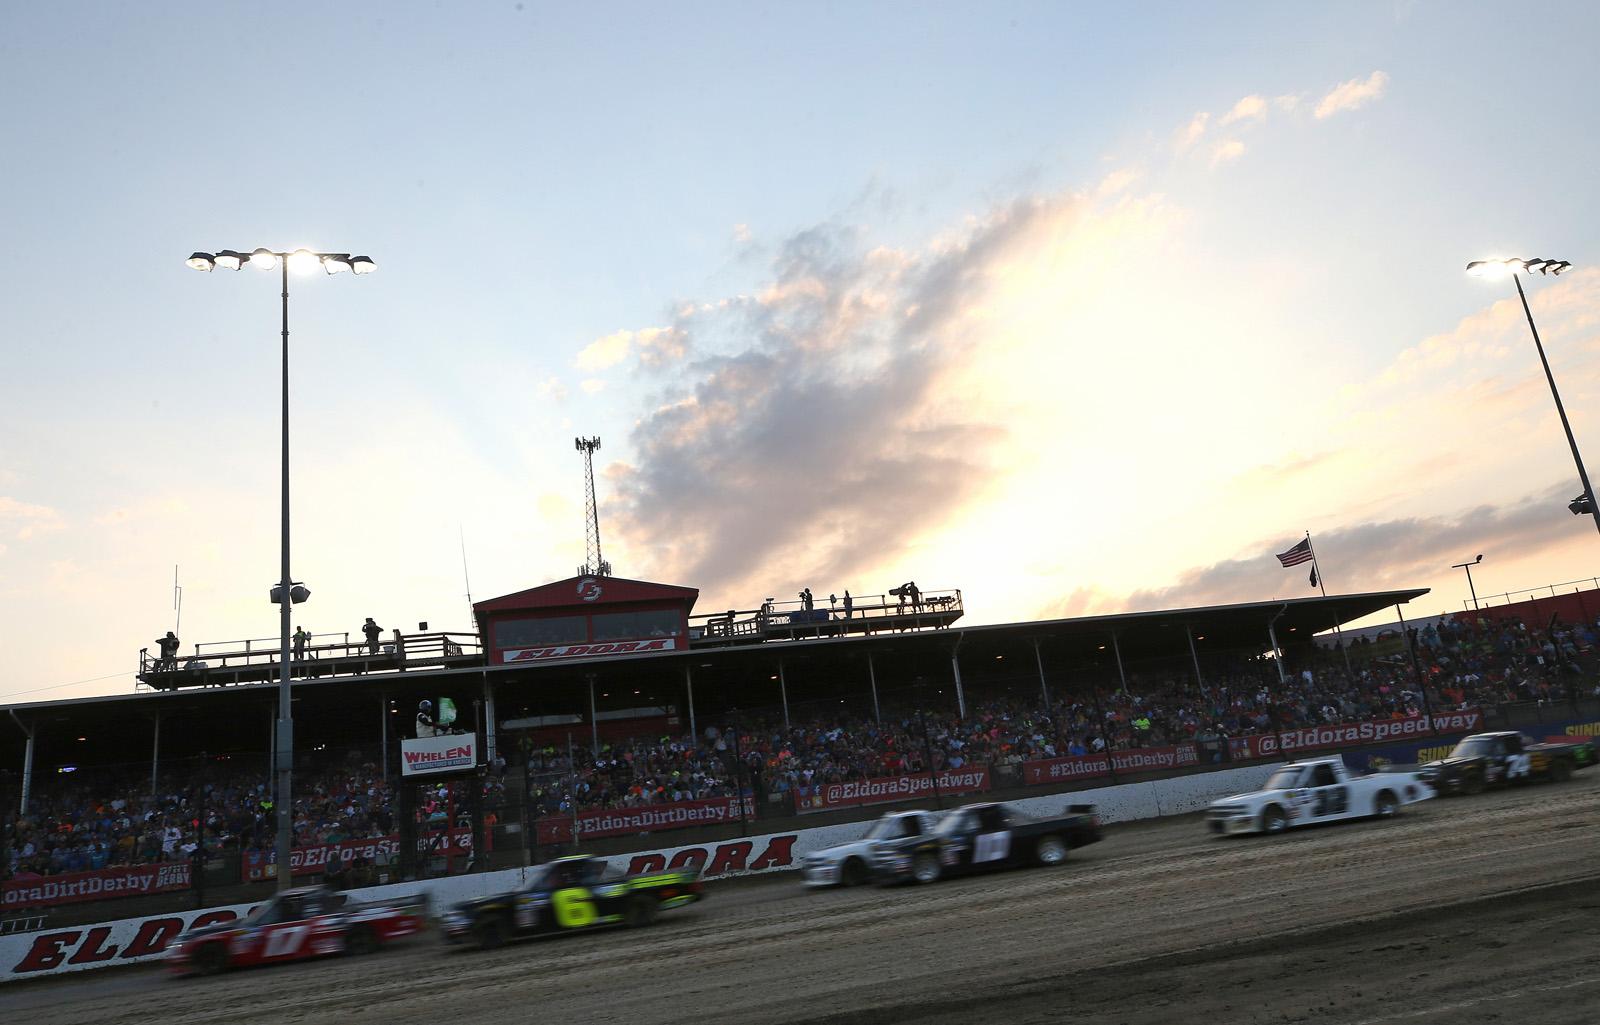 NASCAR Gander Outdoor Truck Series Eldora Dirt Derby – Qualifying